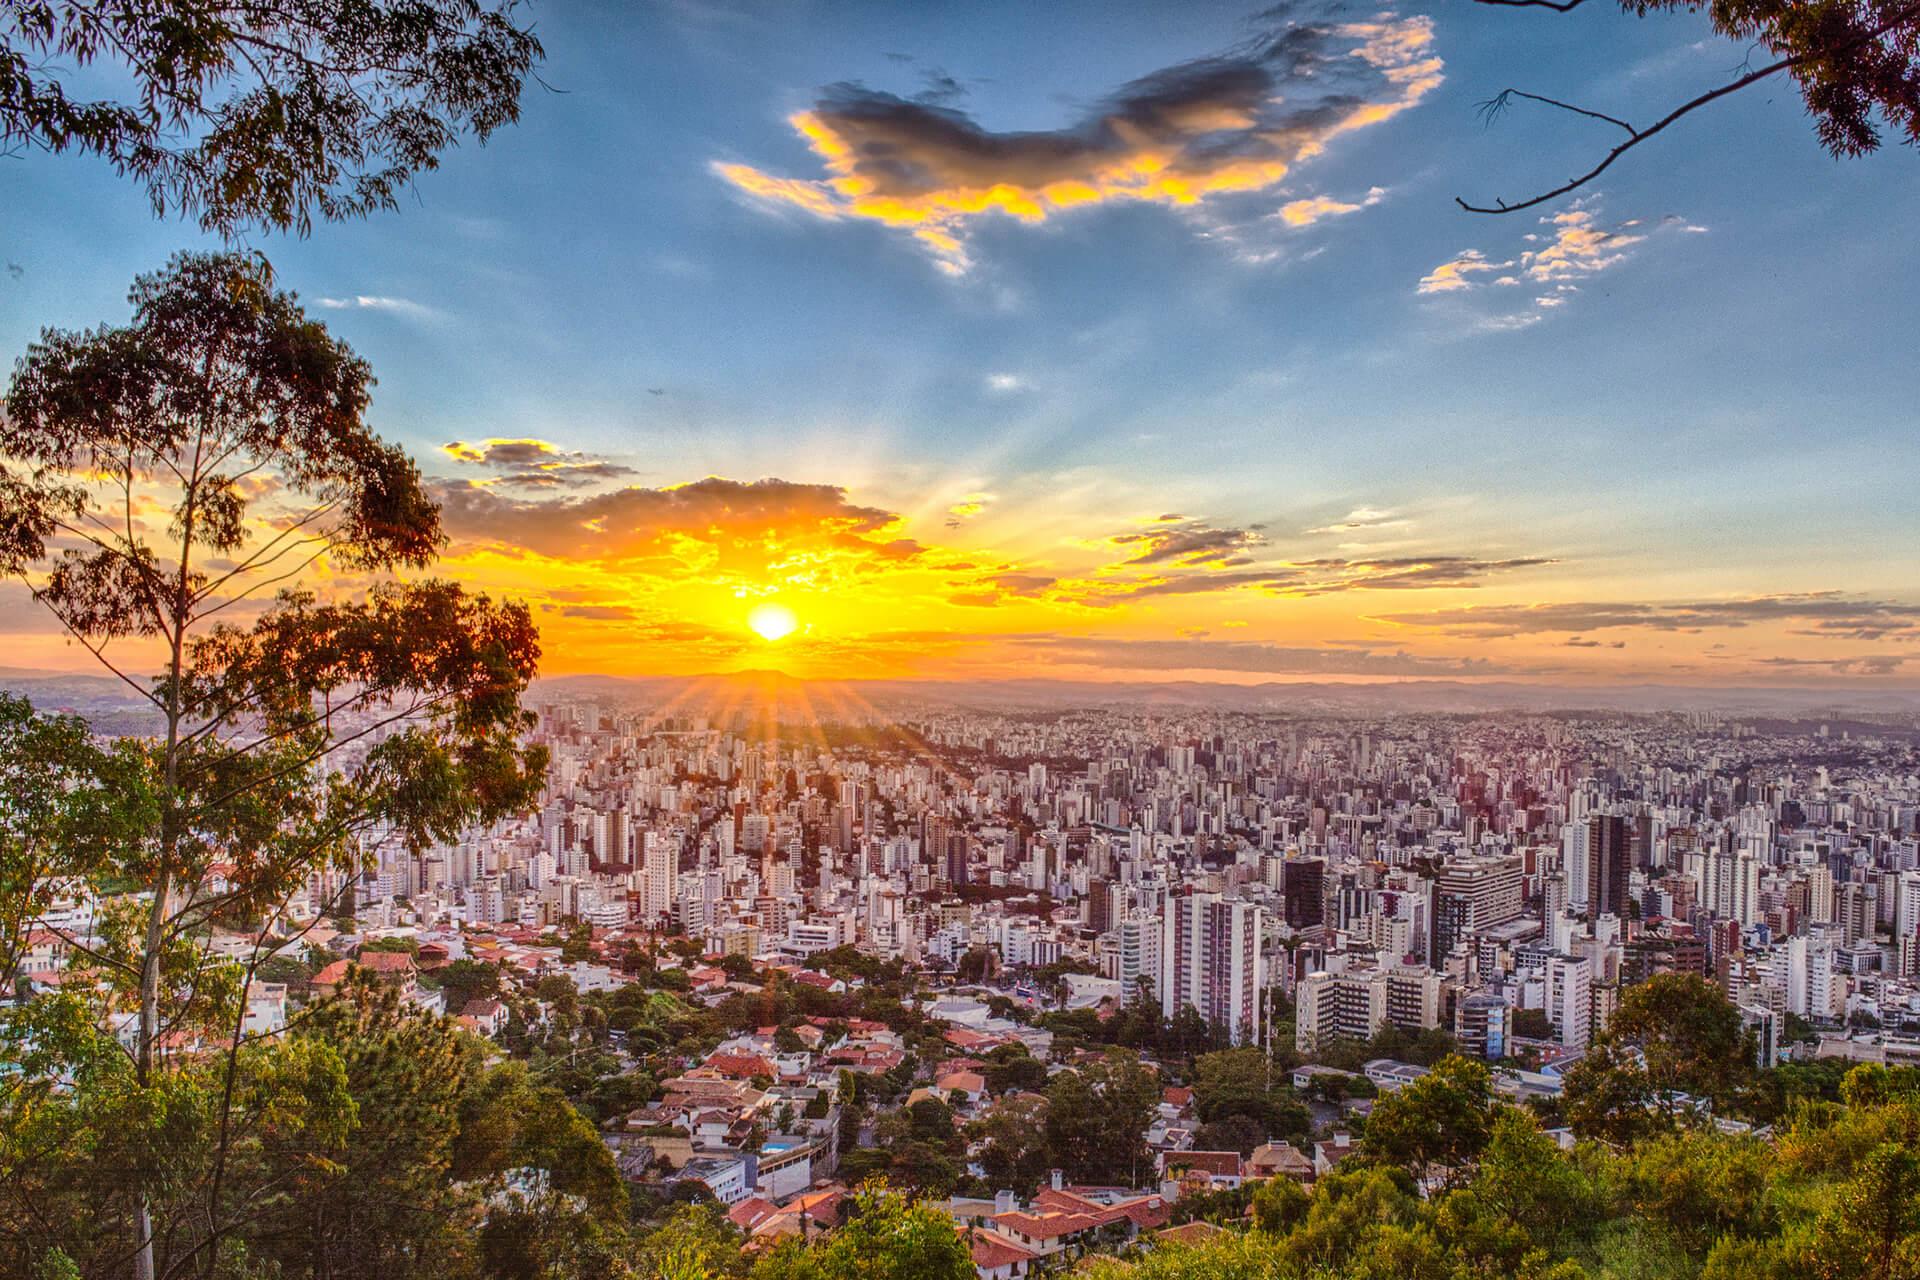 Conheça 4 cidades inovadoras de Minas para aprender com elas